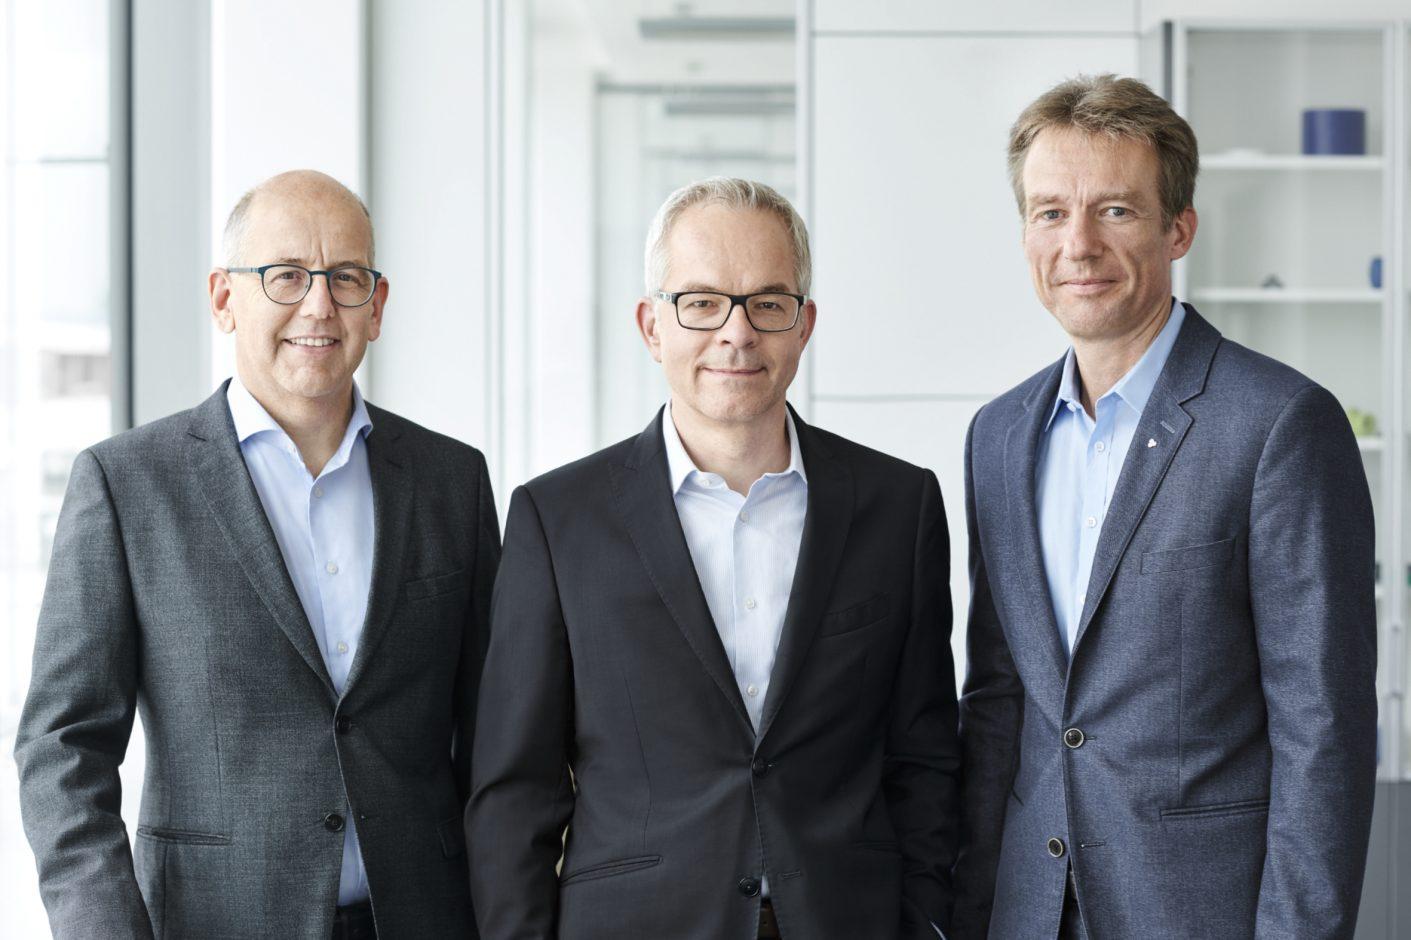 Der Kunststoffspezialist Ensinger wird jetzt von drei Geschäftsführern geleitet: Klaus Ensinger (links) Dr. Roland Reber (Mitte) und Dr. Oliver Frey (rechts).